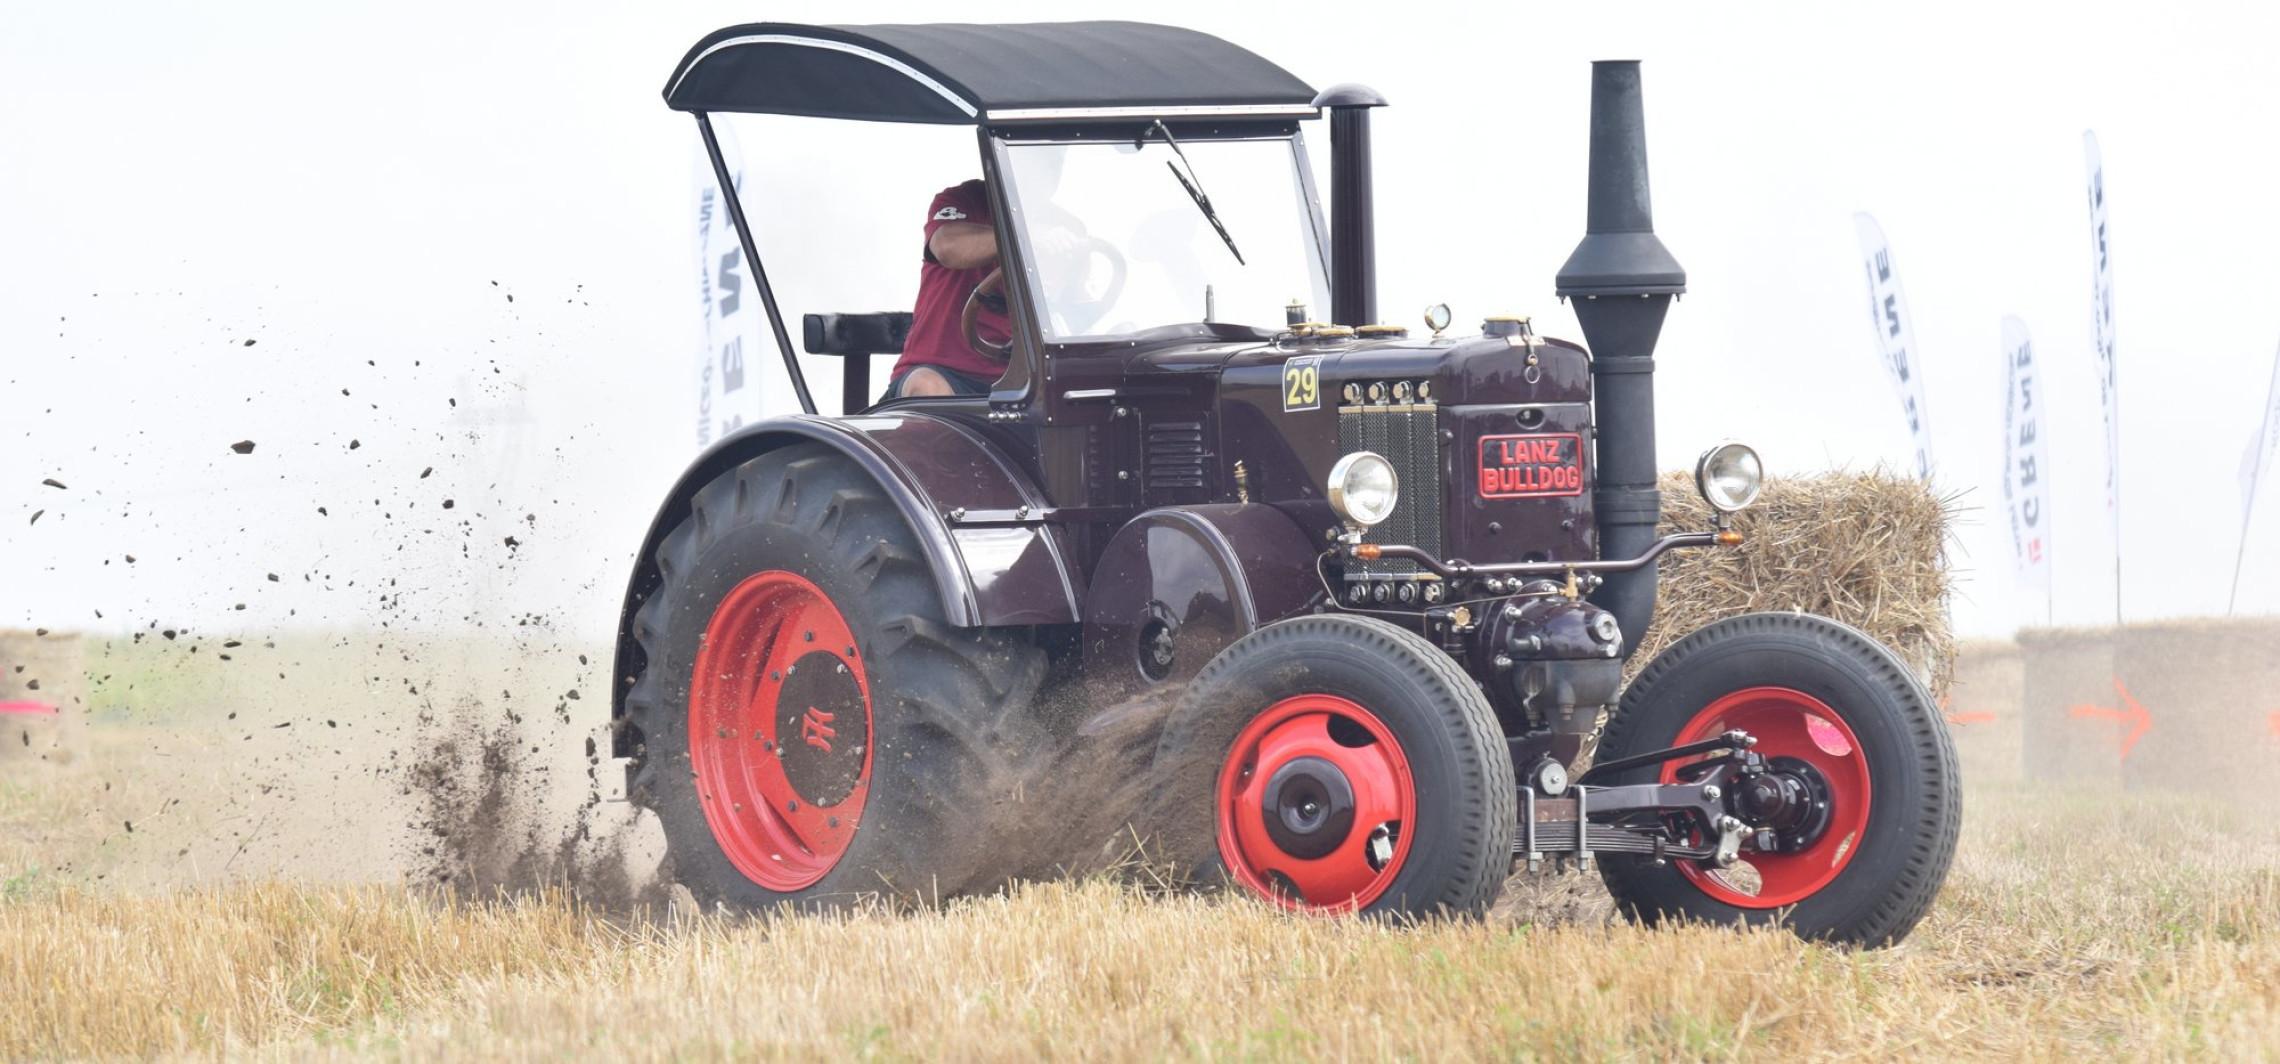 Wyścigi traktorów wracają. Weźcie paszport covidowy